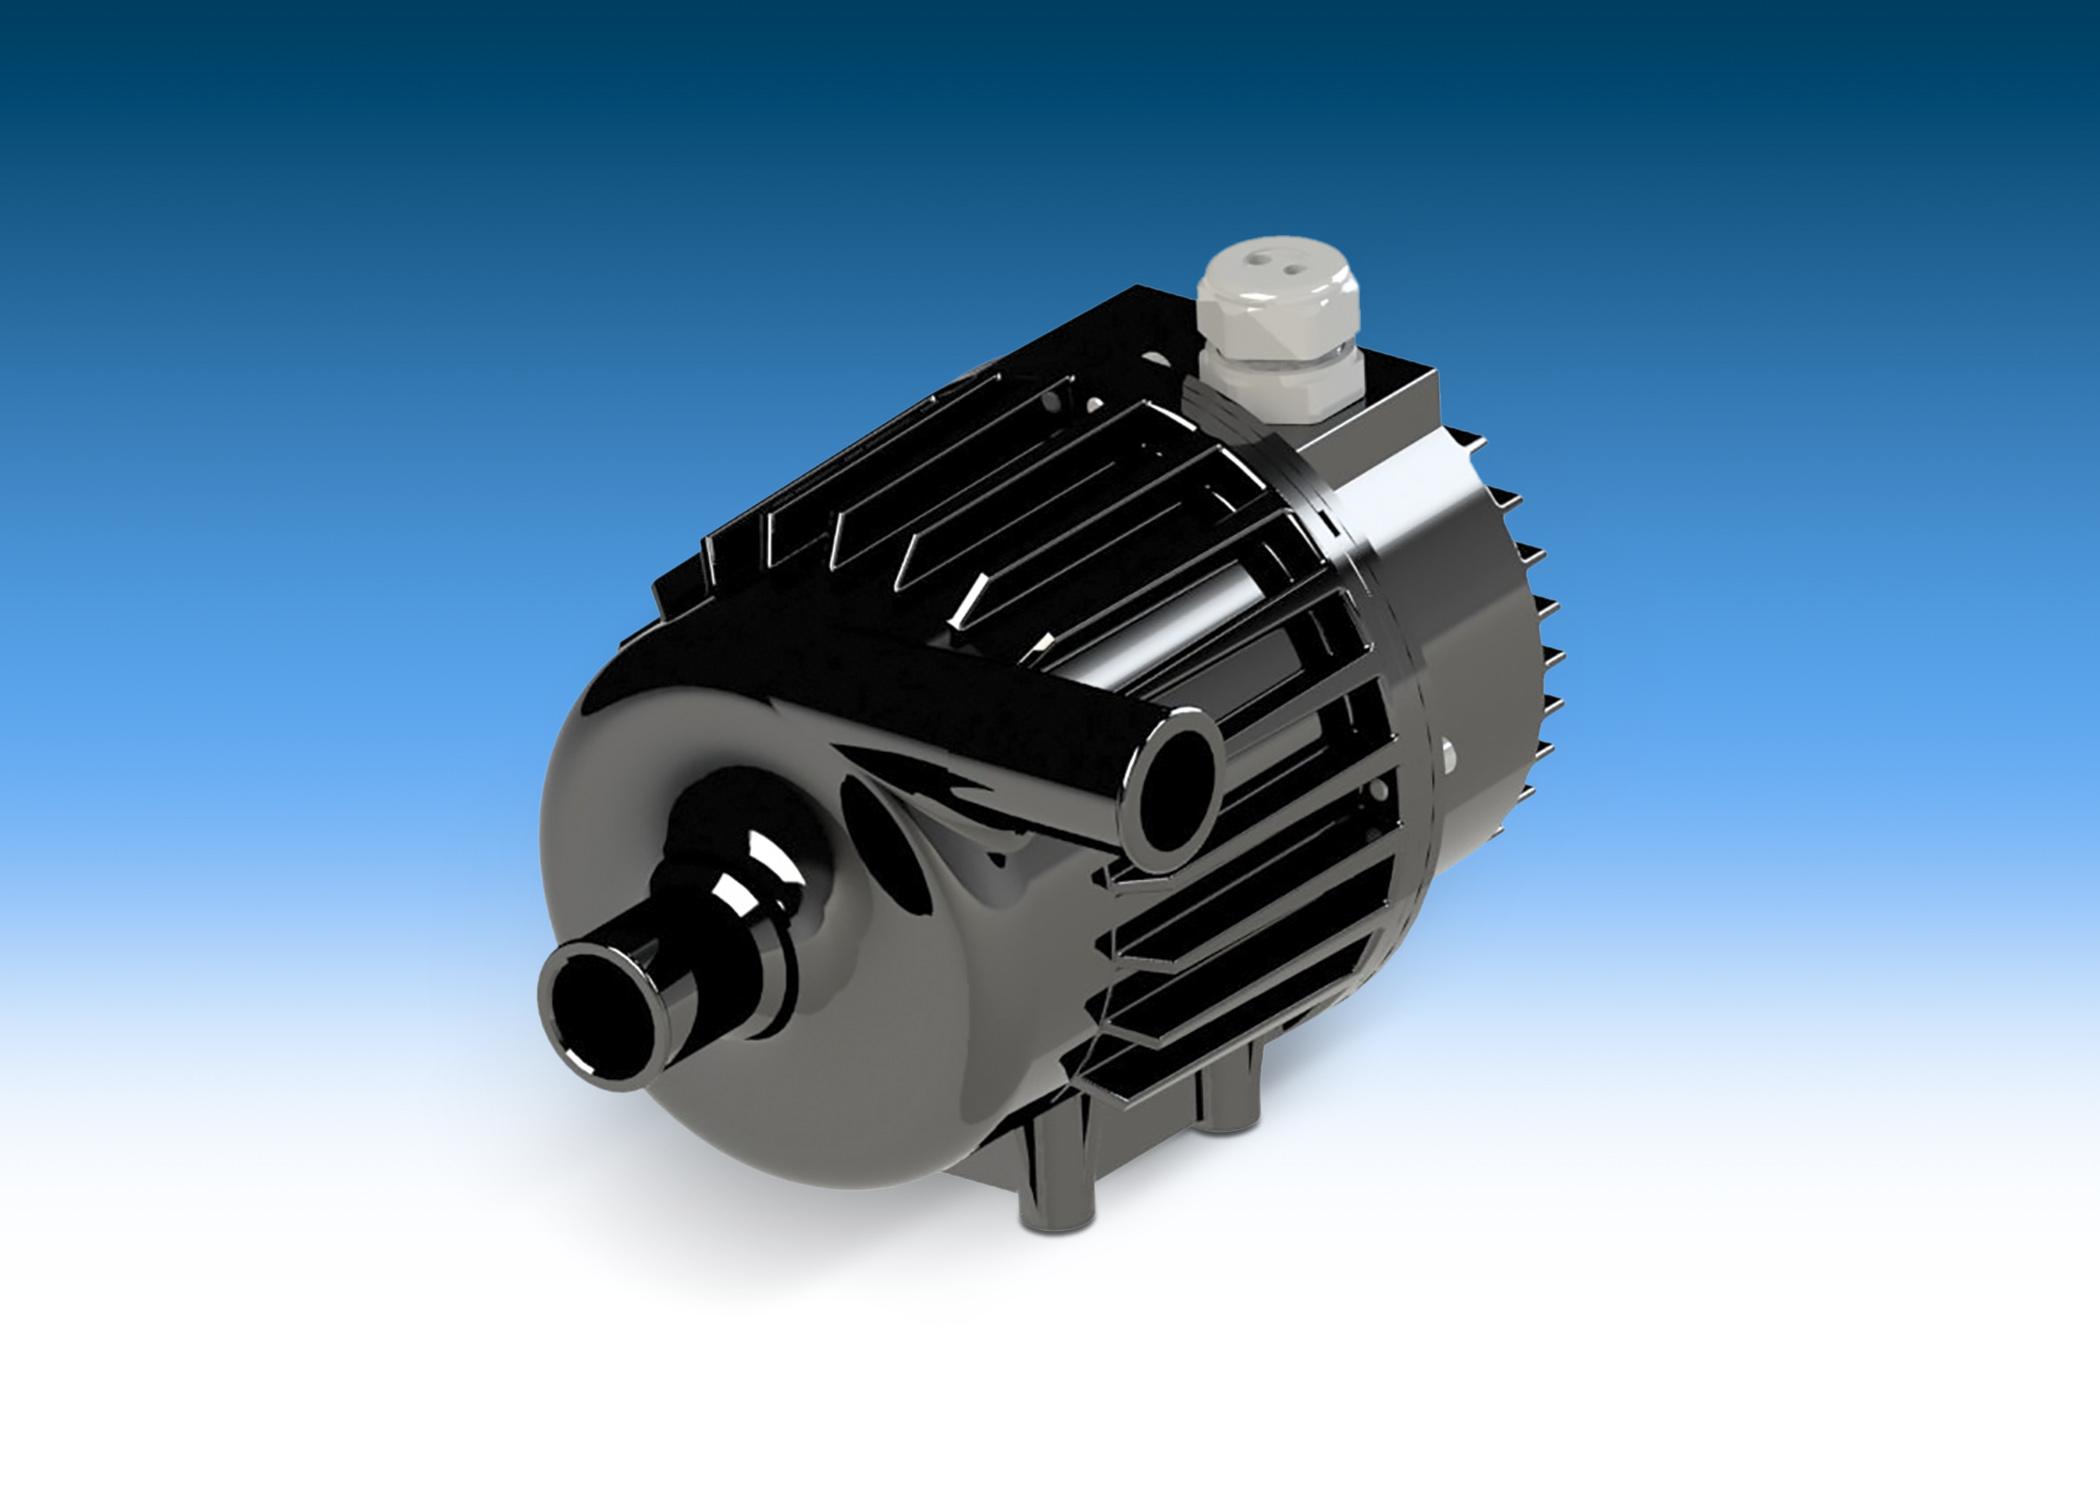 Ametek Rotron SLP 2418 Seal-Less Water Circulation Pump